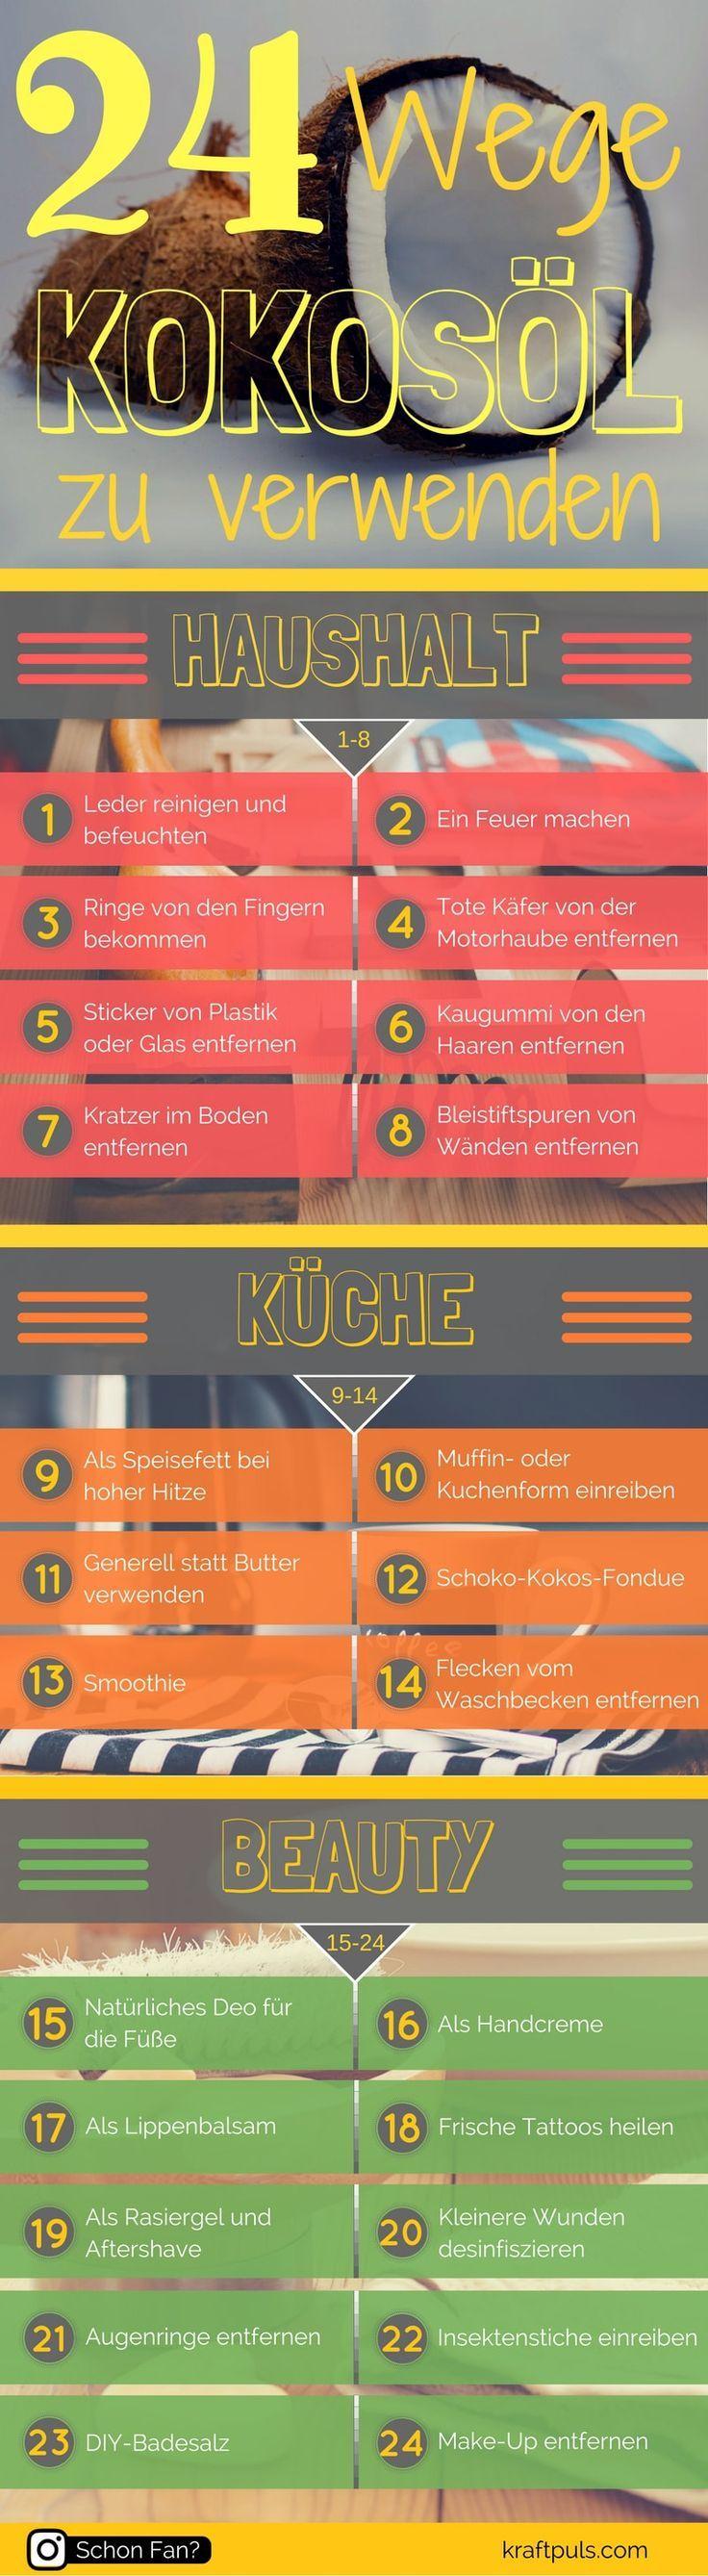 Kokosöl Anwendung: 24 clevere Wege das Wundermittel einzusetzen